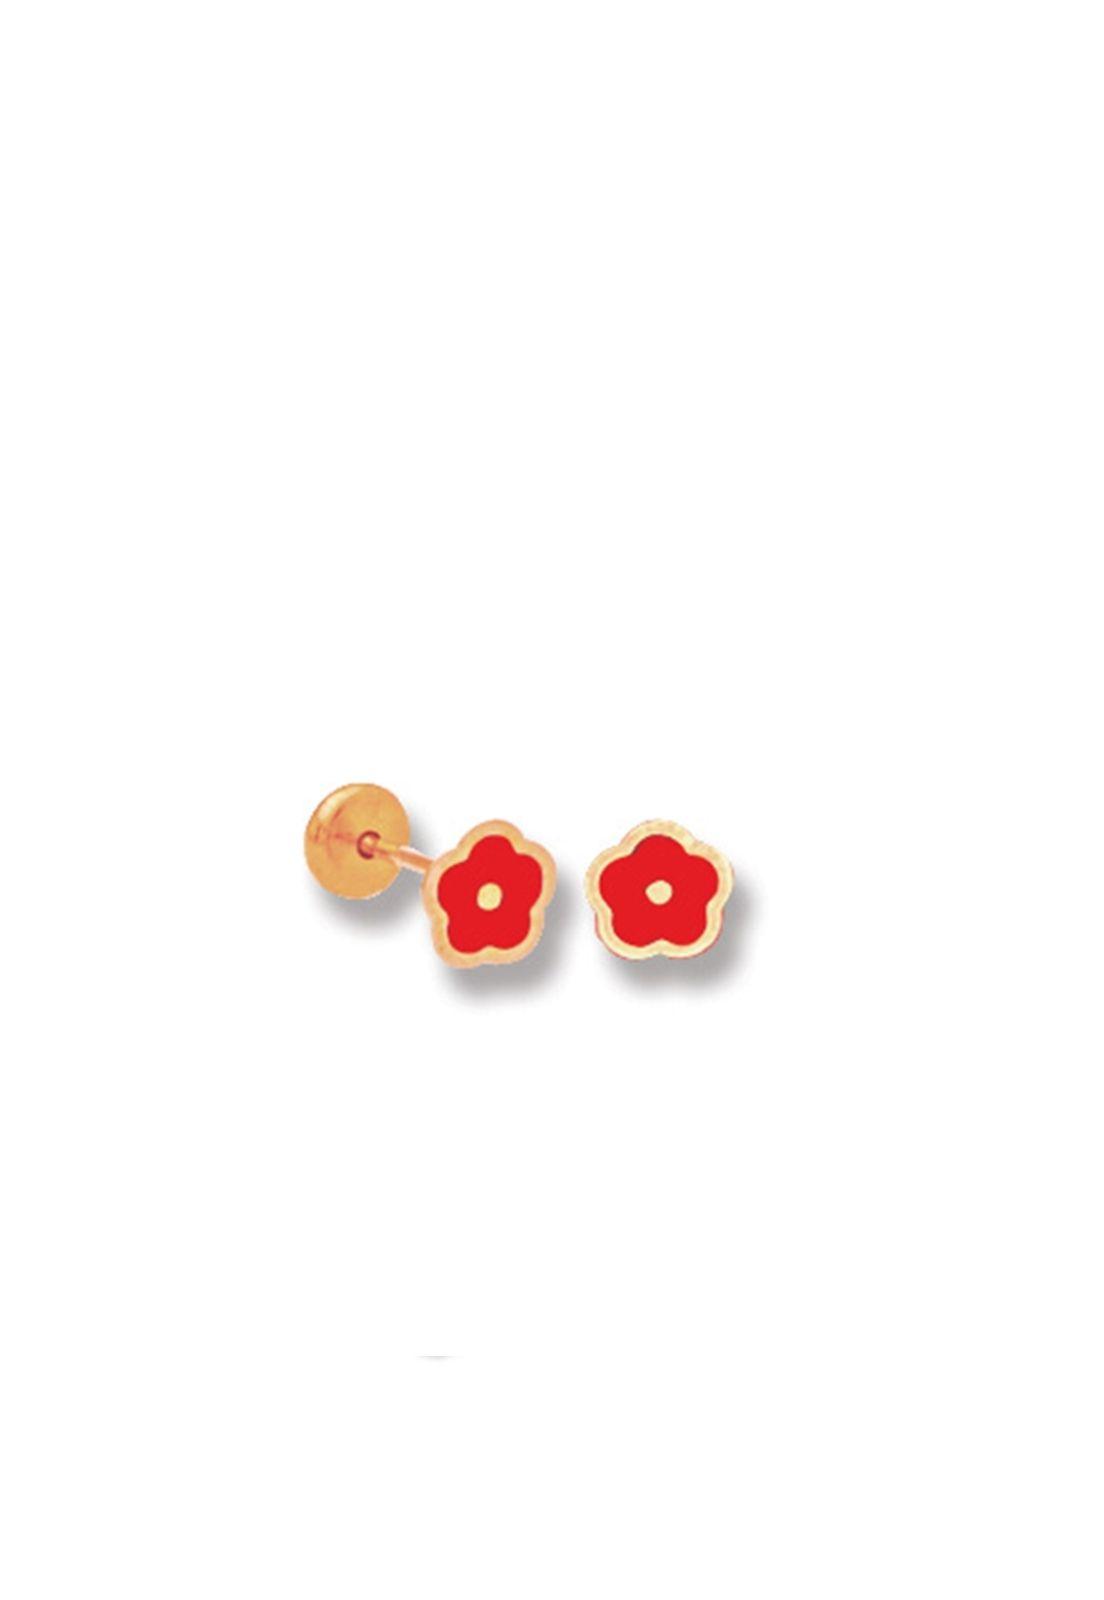 Brinco Le Diamond Mini Flor Vermelha